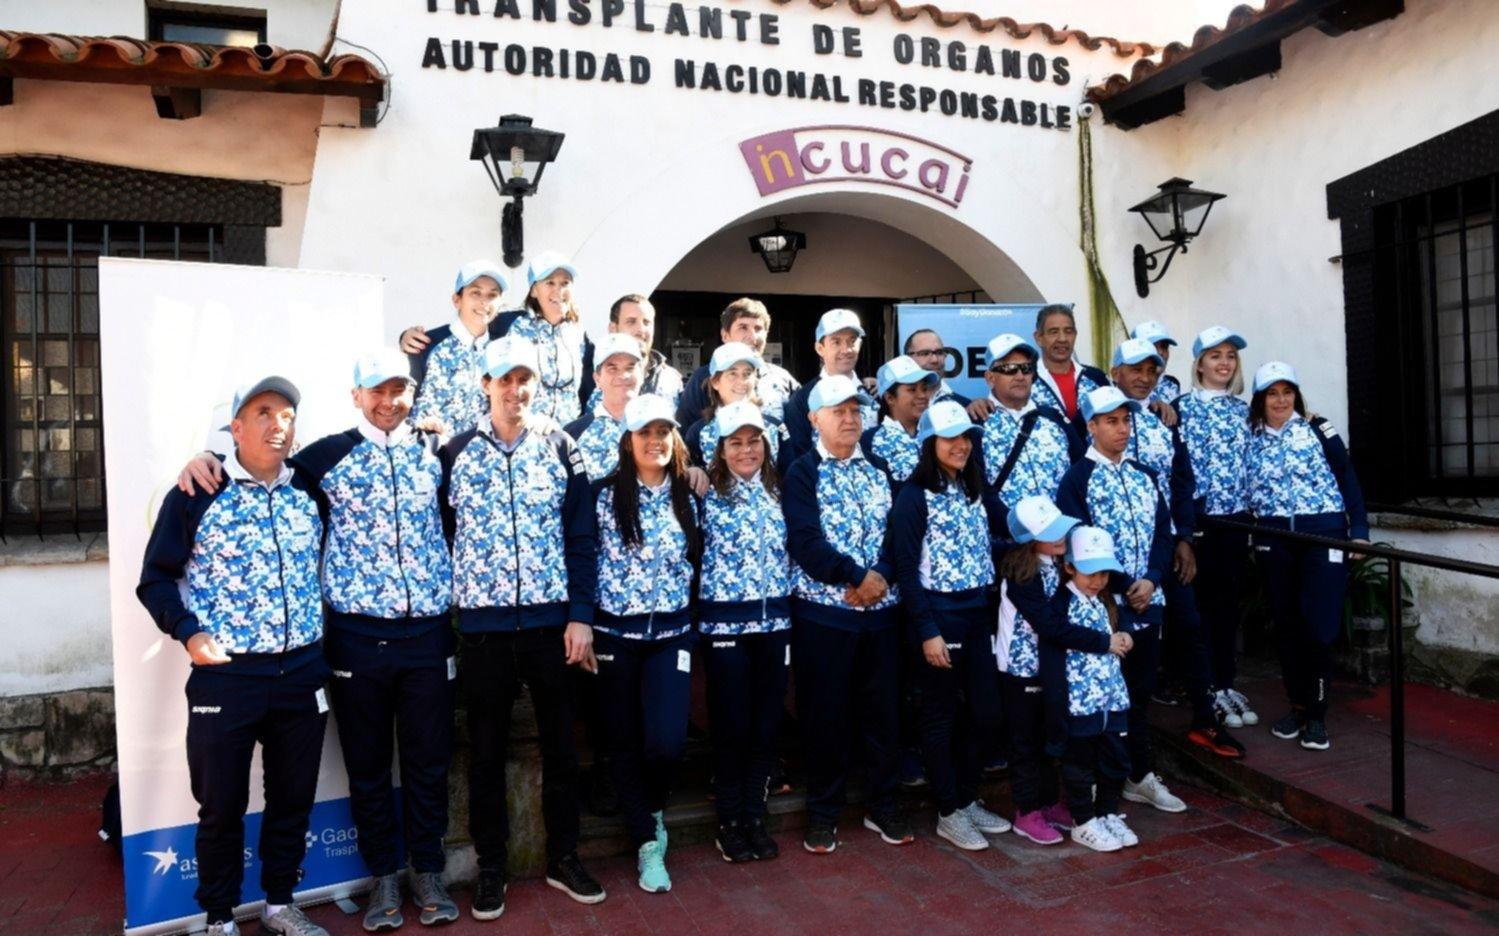 Mundial para Trasplantados: participarán 40 argentinos